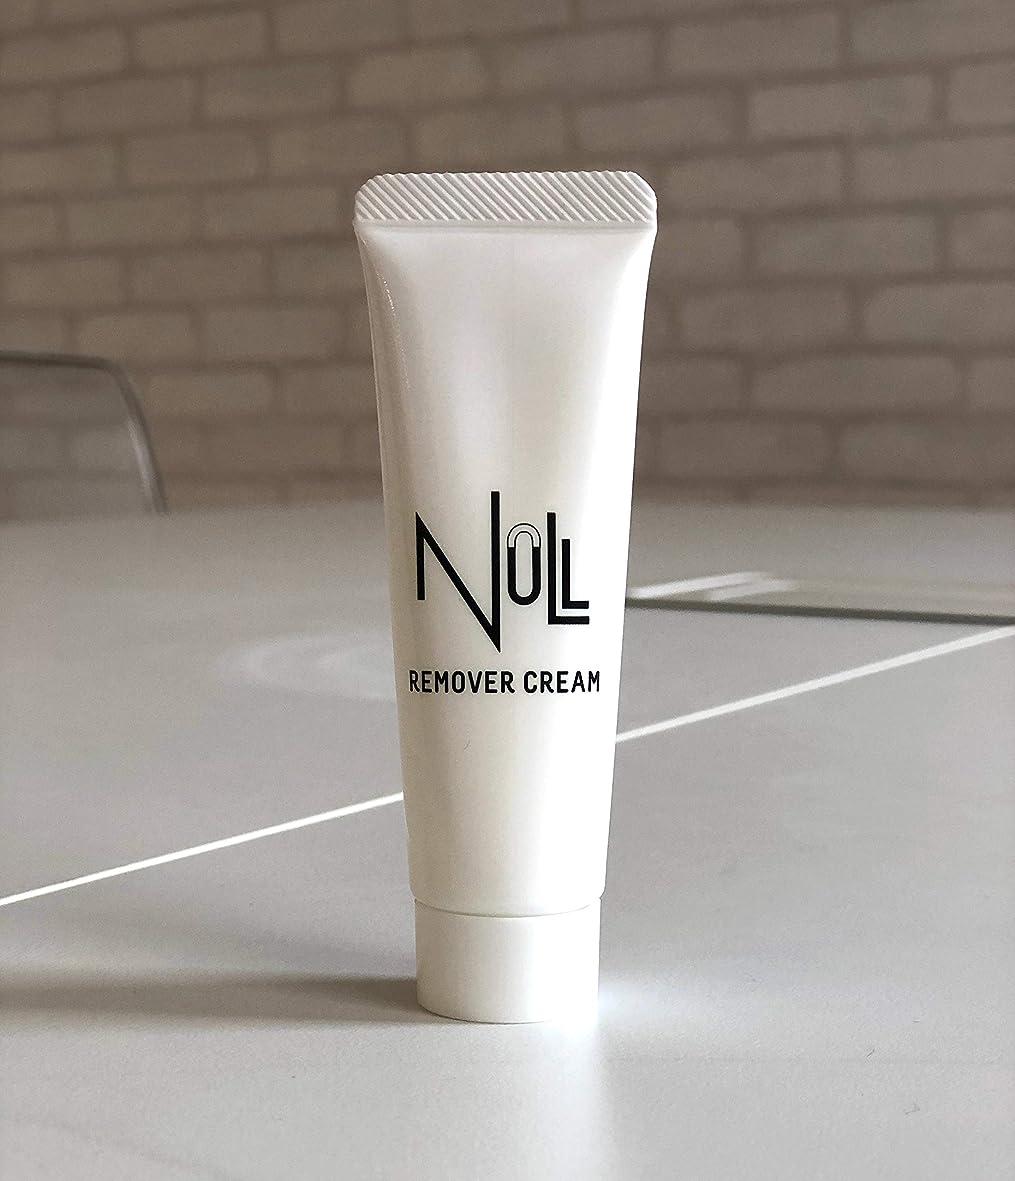 合体段階誠実NULL メンズ 薬用リムーバークリーム 除毛クリーム ミニサンプル 20g [ 陰部/Vライン/アンダーヘア/ボディ用 ]